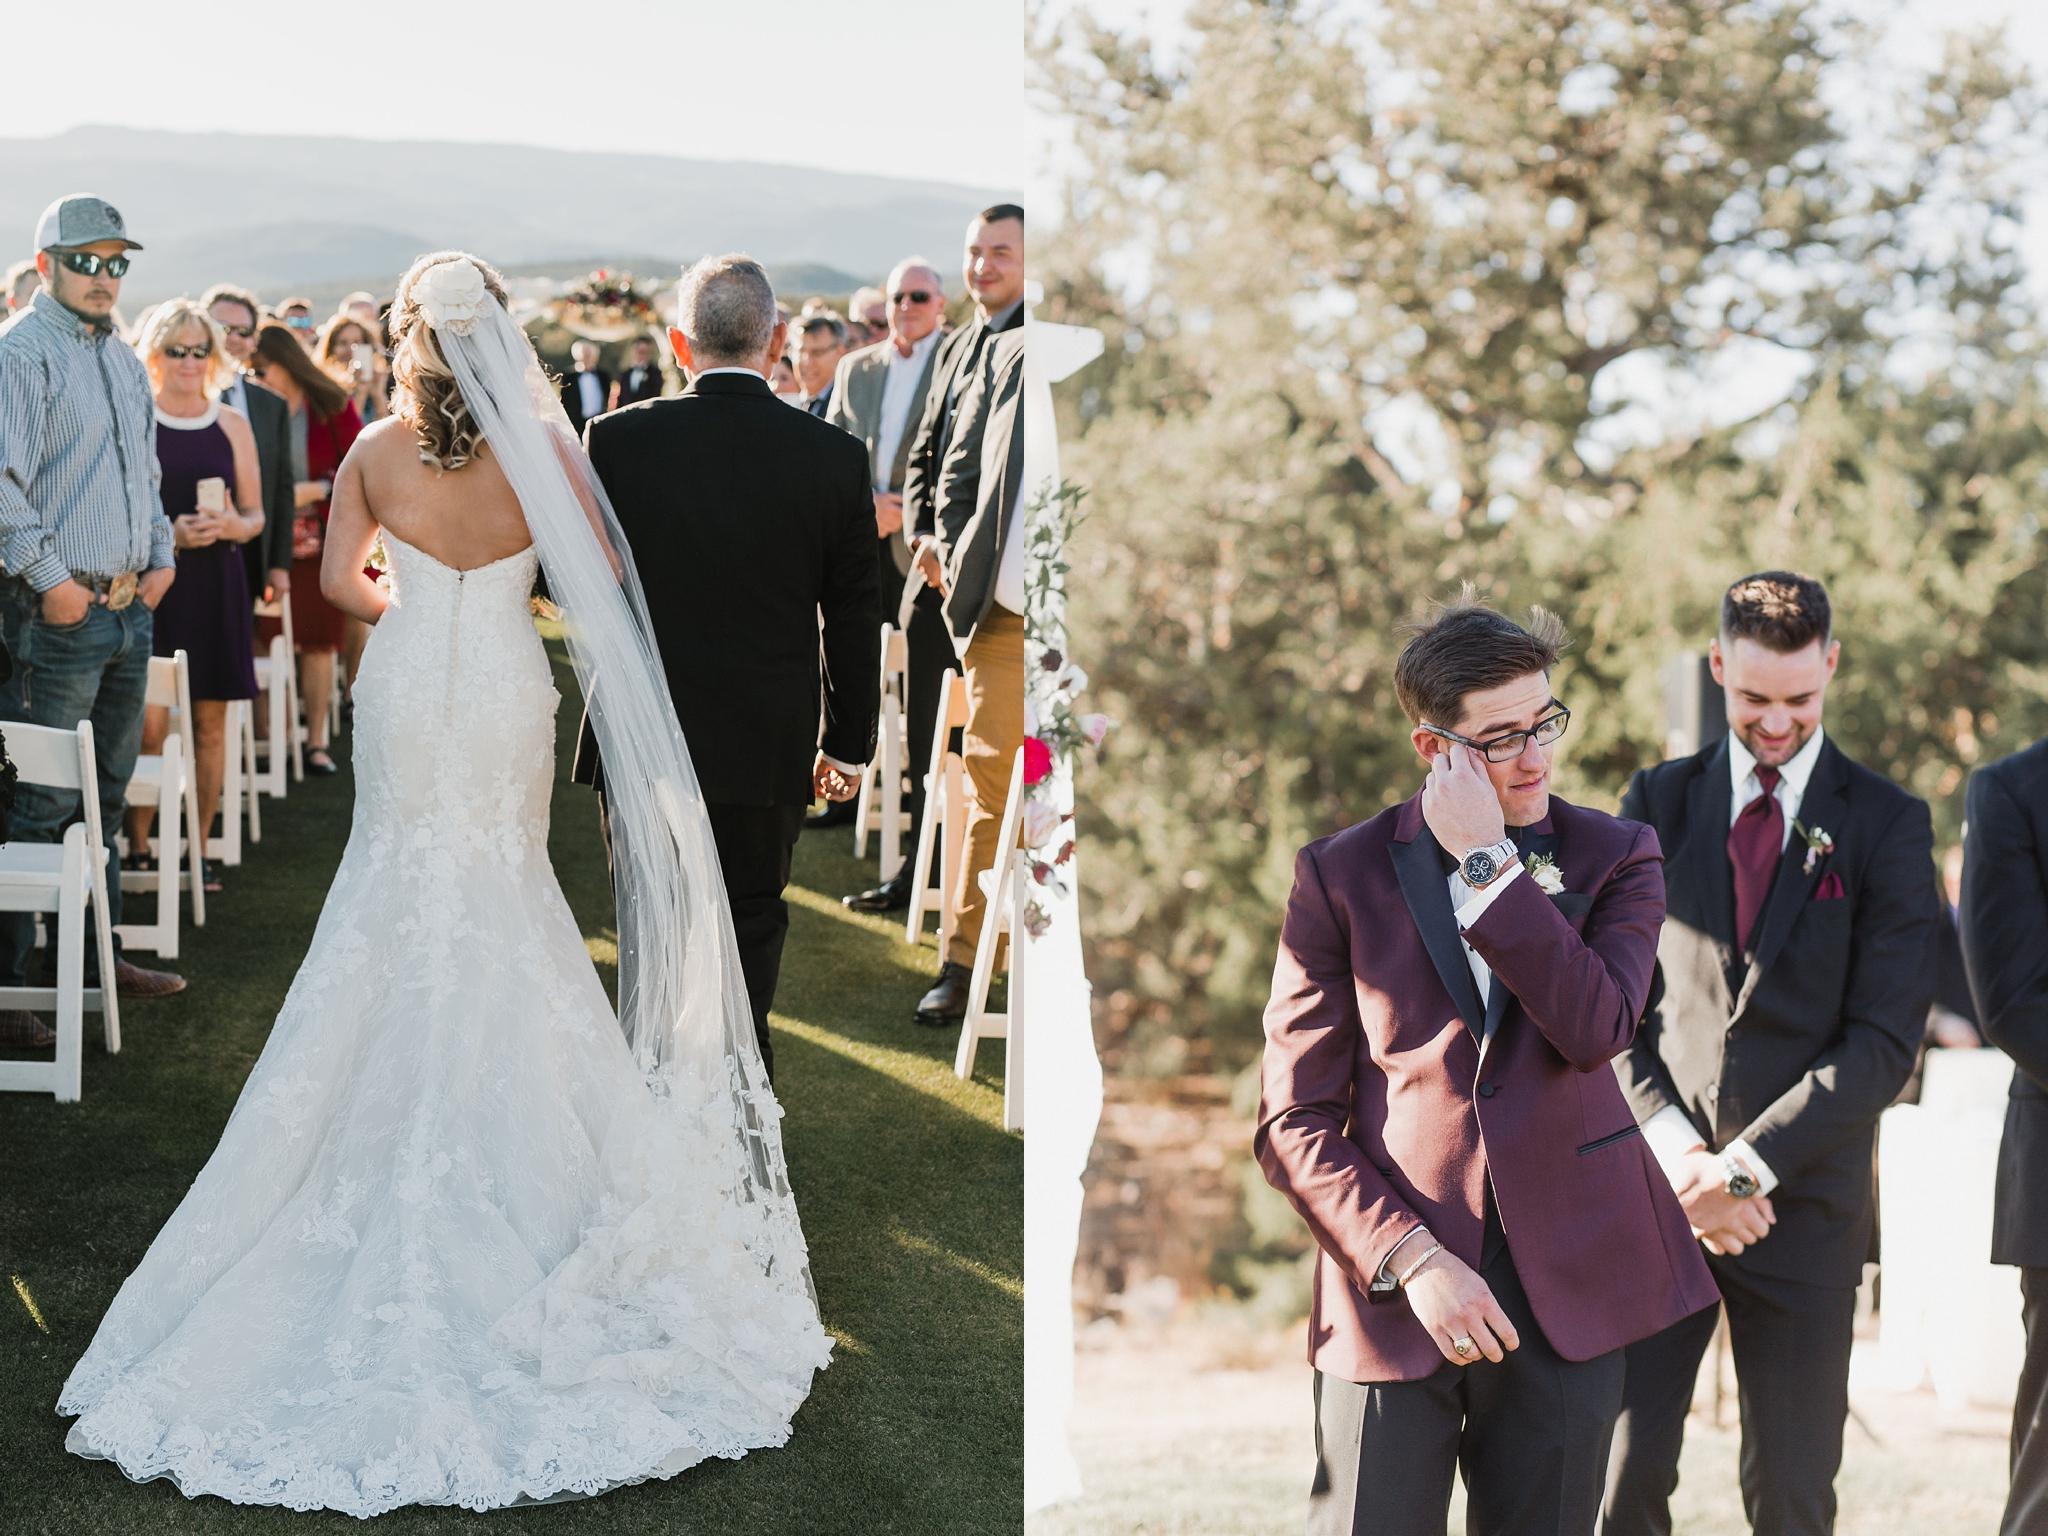 Alicia+lucia+photography+-+albuquerque+wedding+photographer+-+santa+fe+wedding+photography+-+new+mexico+wedding+photographer+-+new+mexico+wedding+-+wedding+photographer+-+wedding+photographer+team_0101.jpg